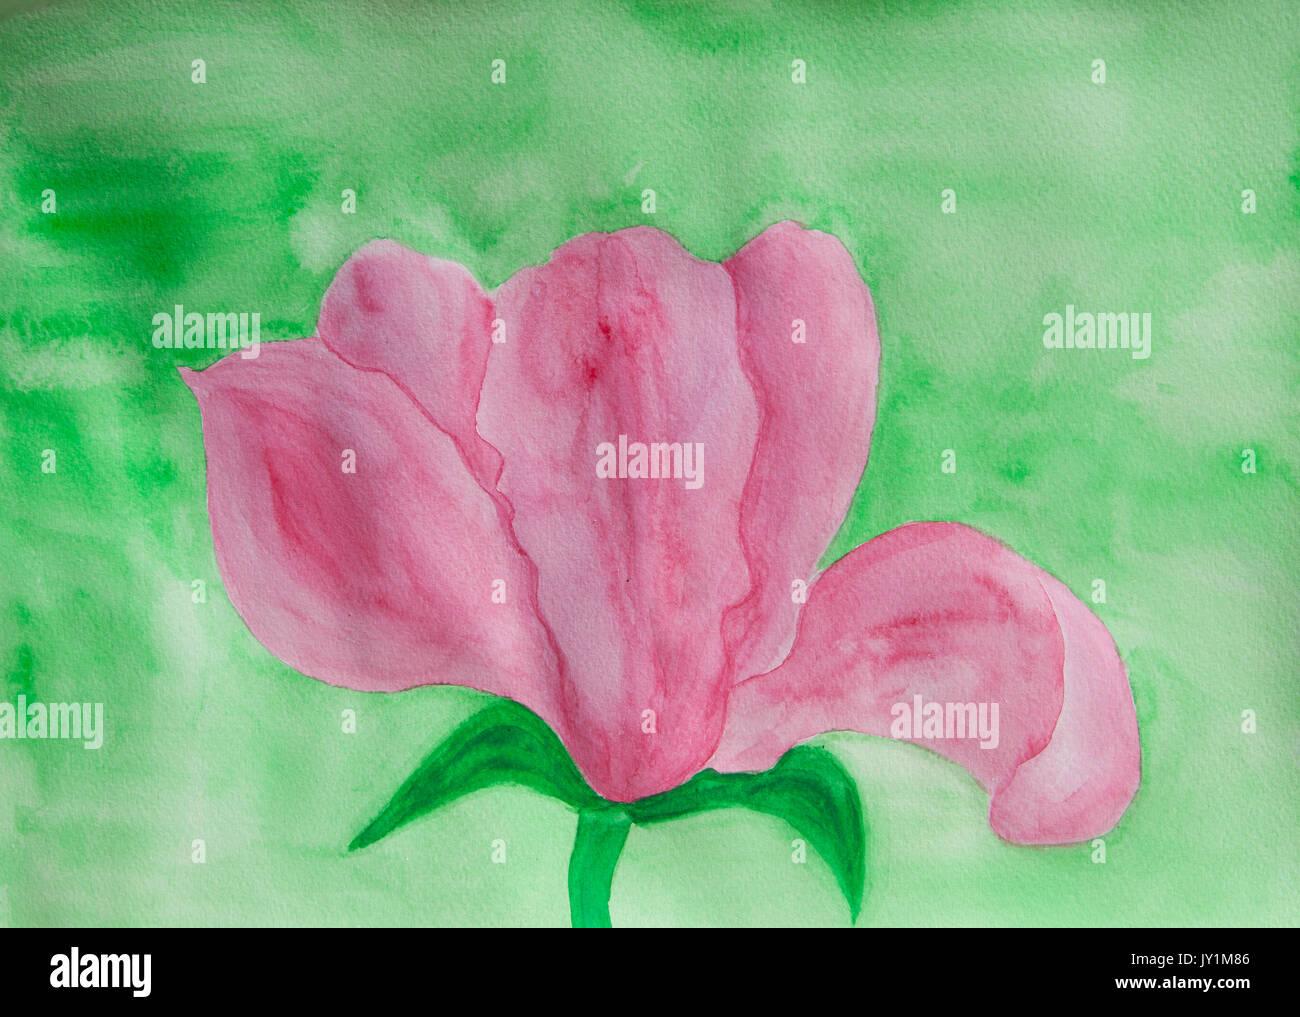 Uno de los grandes de color rosa magnoliaflower sobre fondo verde, ilustración pintura acuarela. Imagen De Stock